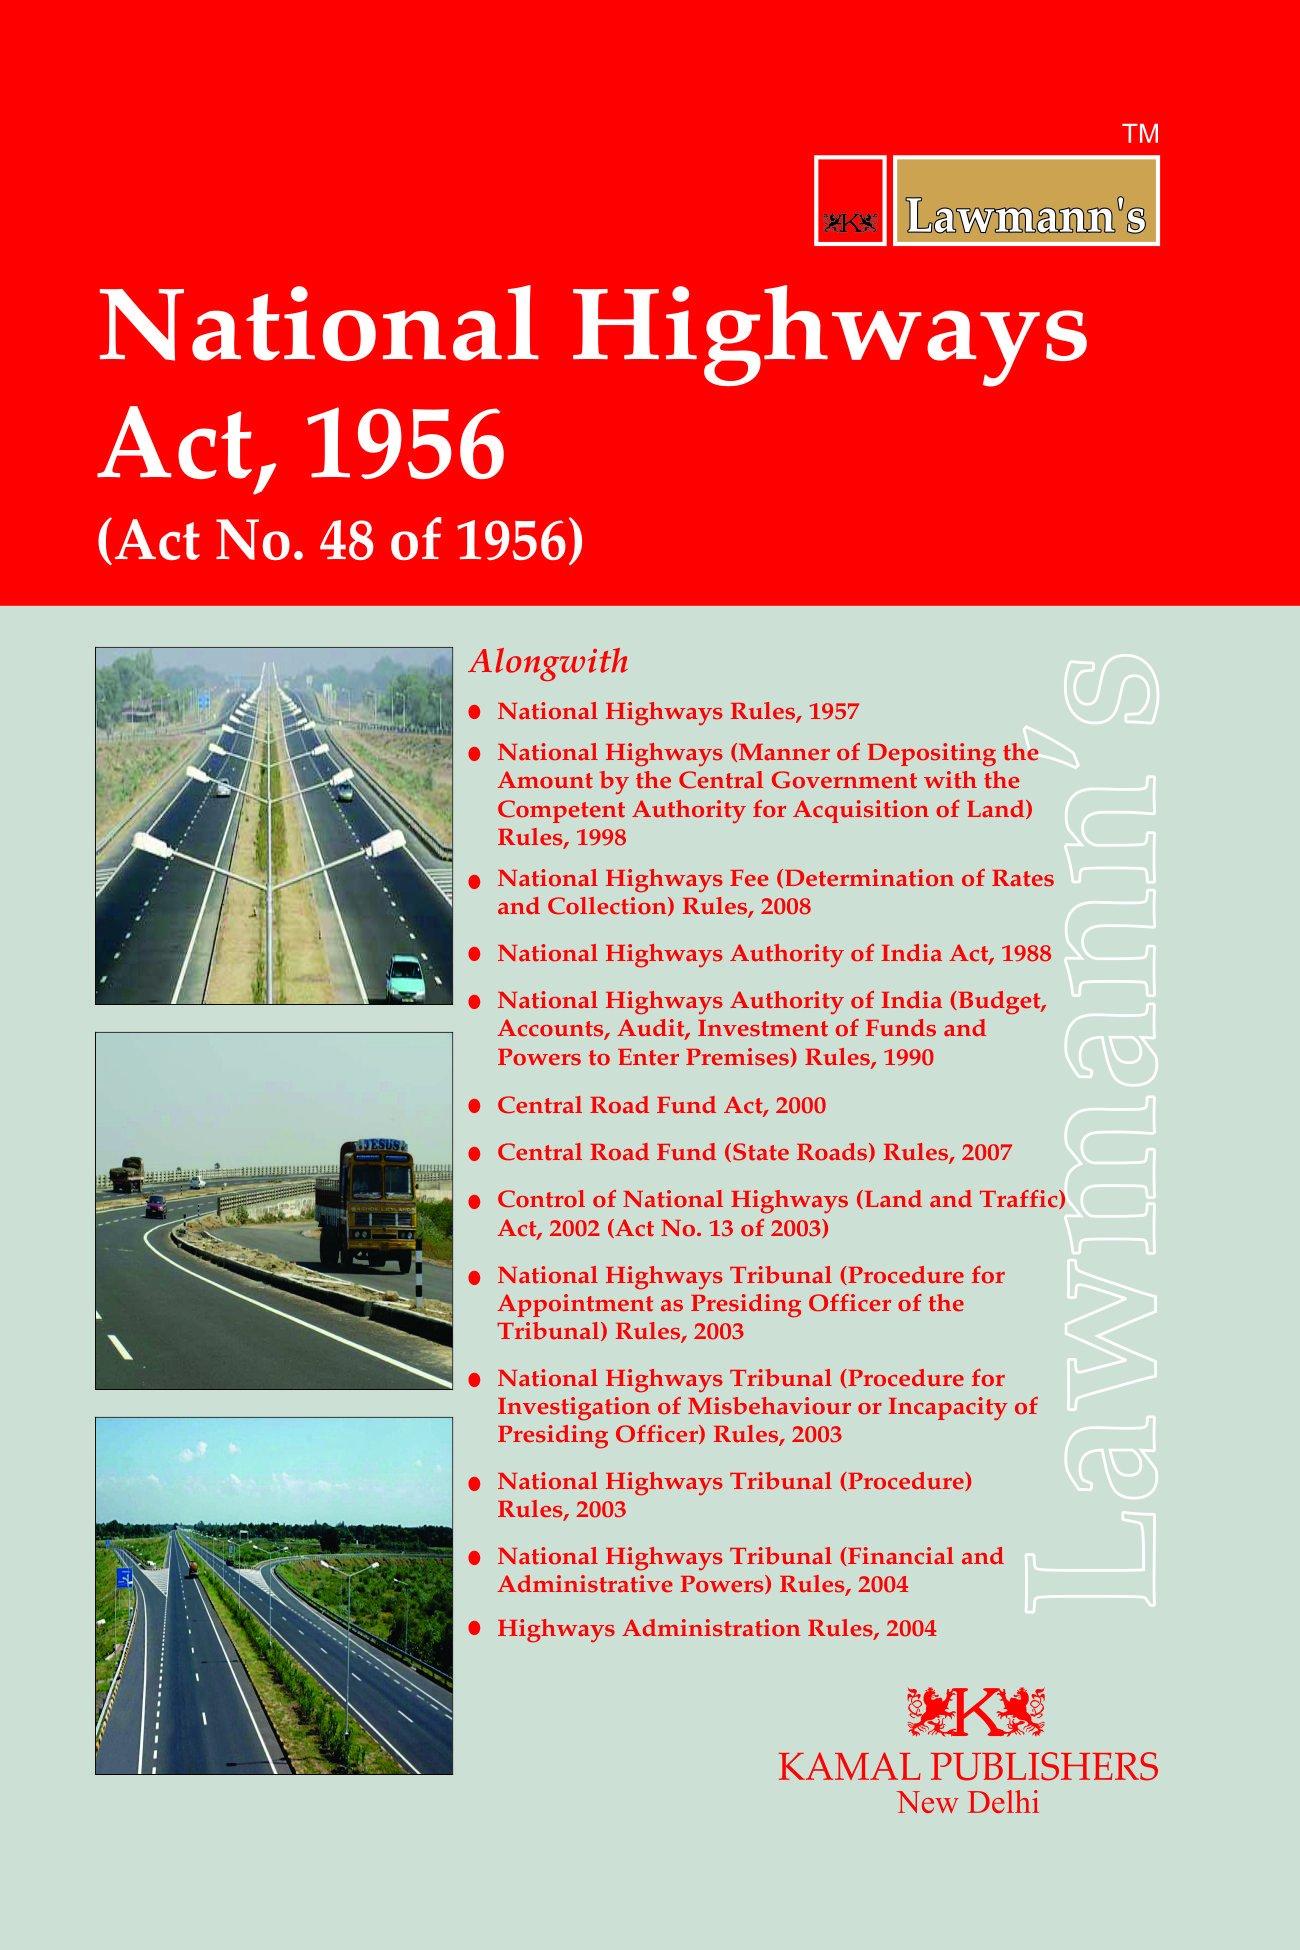 NATIONAL HIGHWAYS ACT 2002 EPUB